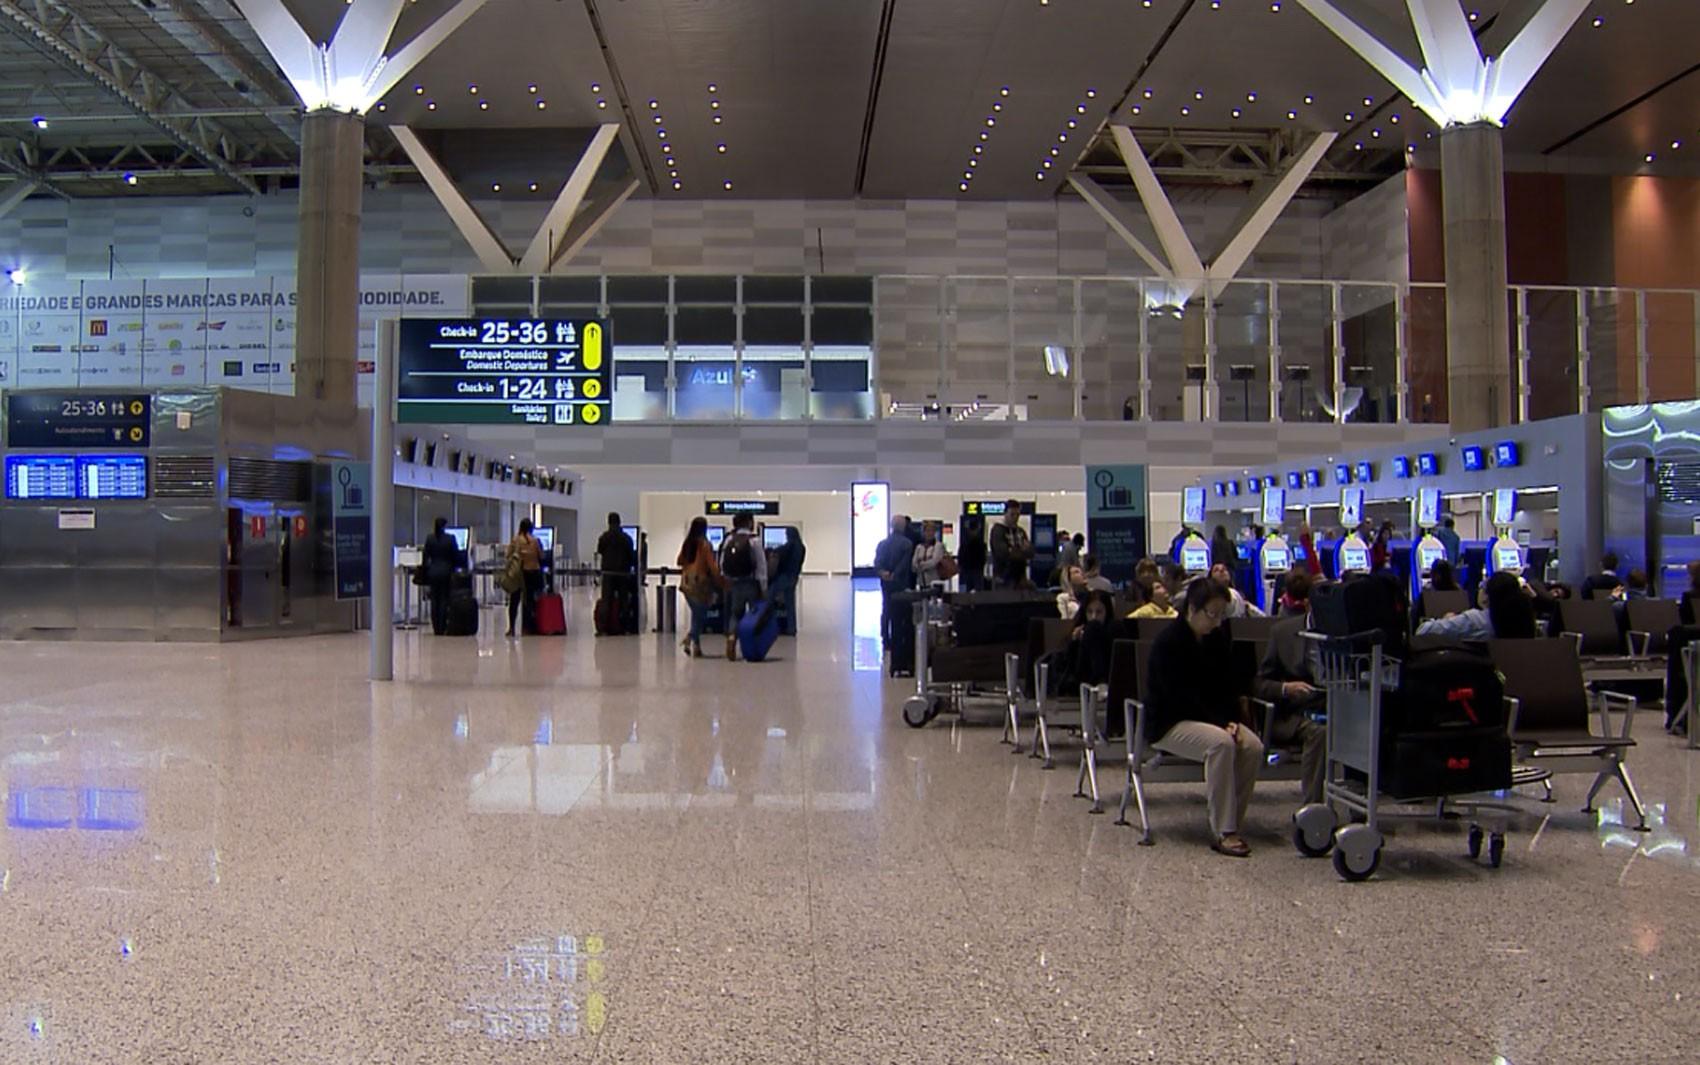 Procon diz que respostas de companhias aéreas de Viracopos são insatisfatórias inicia processo que pode resultar em multa